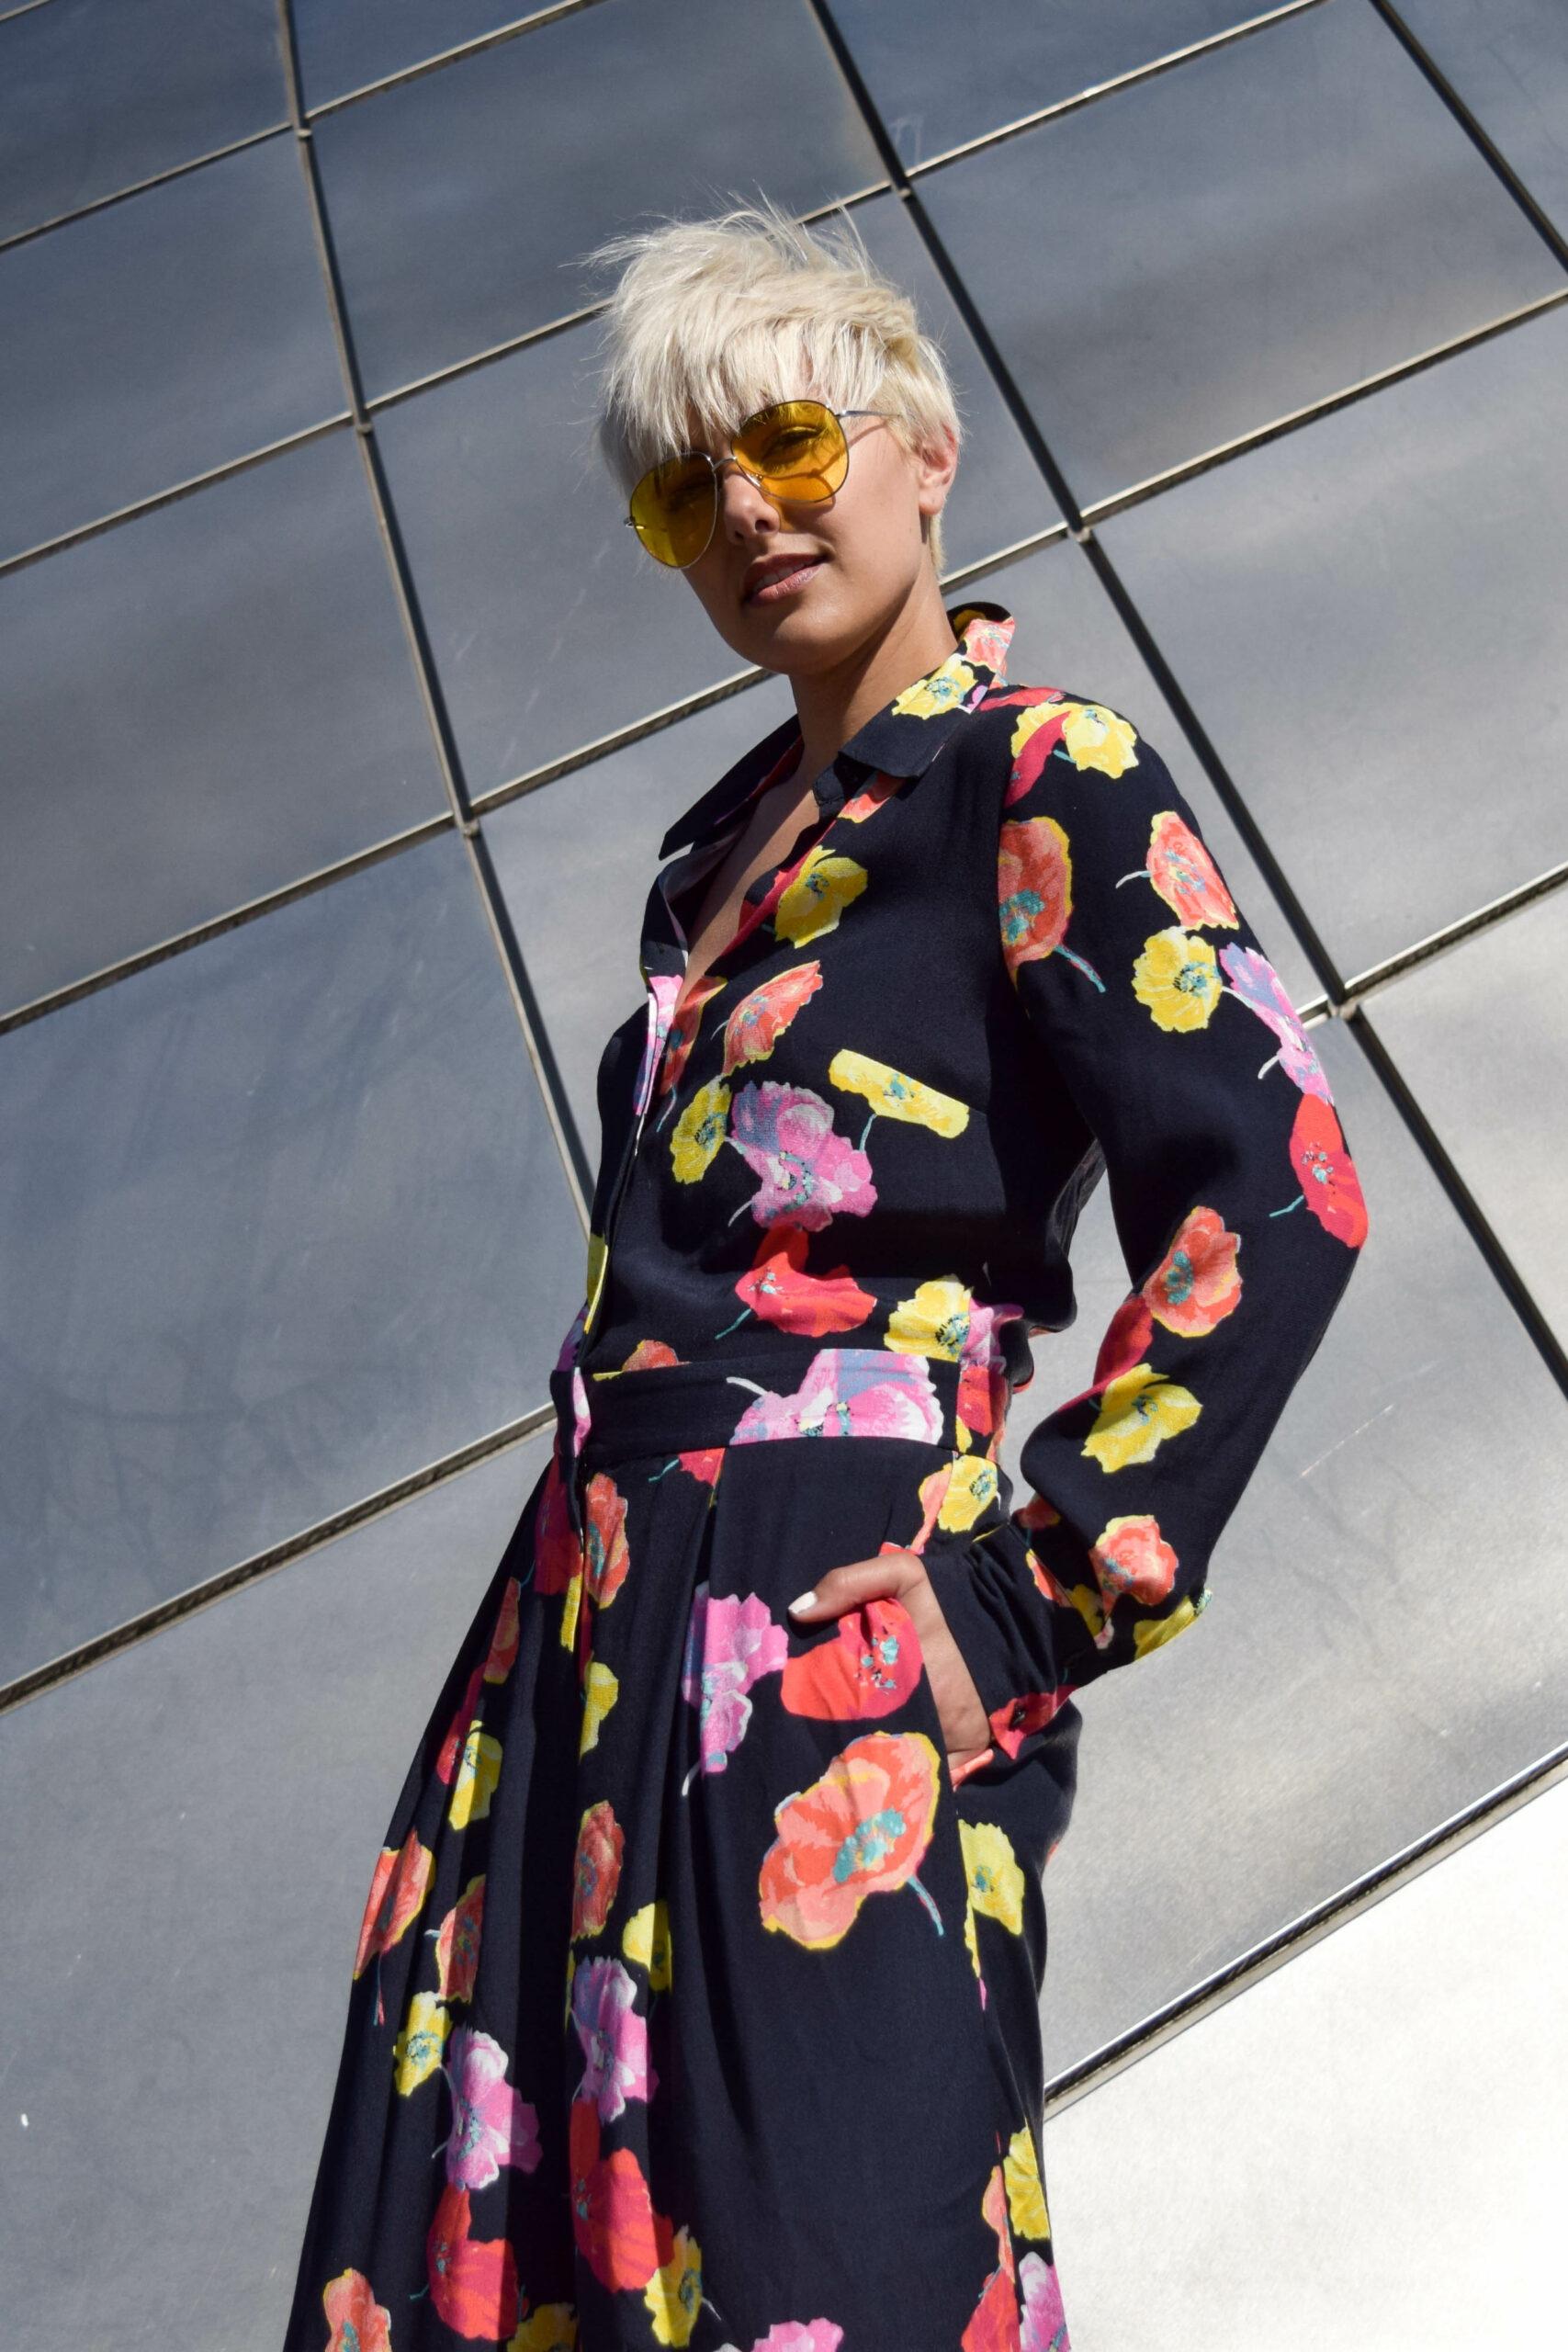 Floral Print Jumpsuit- Finery London- BloggerNotBillionaire.com